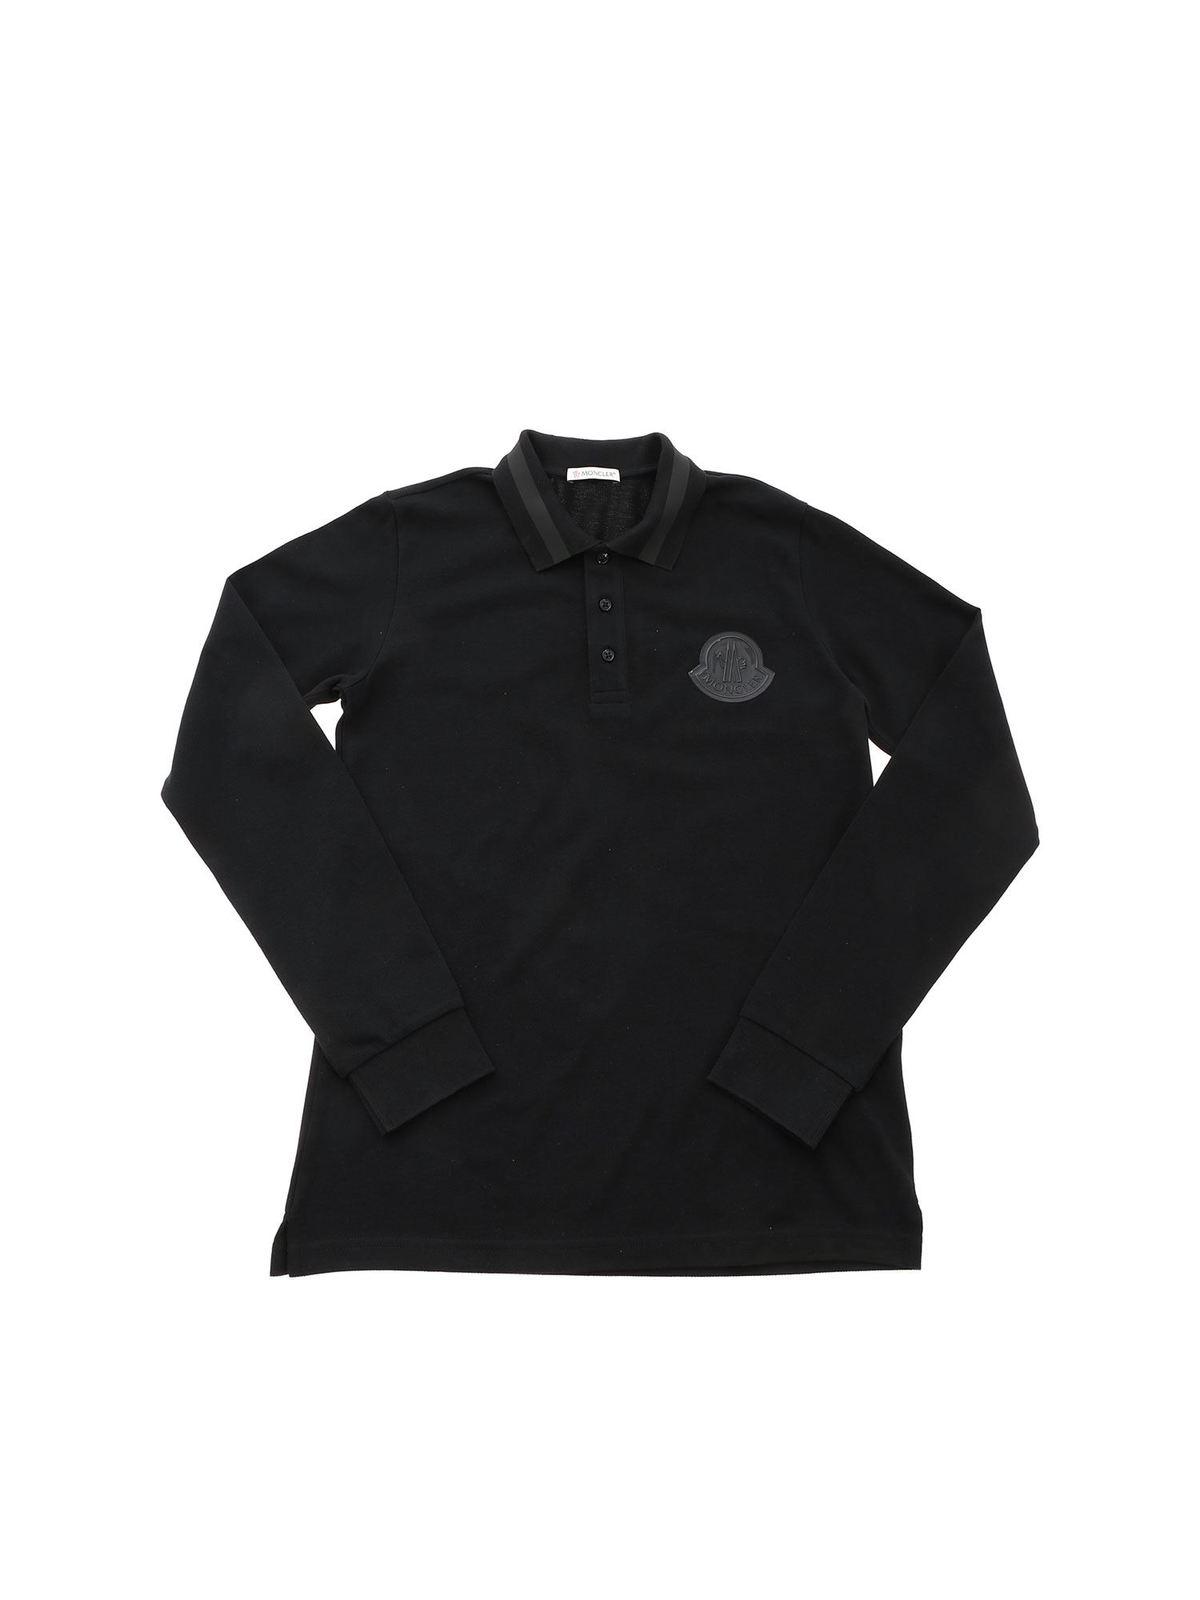 MONCLER JR LOGO PATCH POLO SHIRT IN BLACK